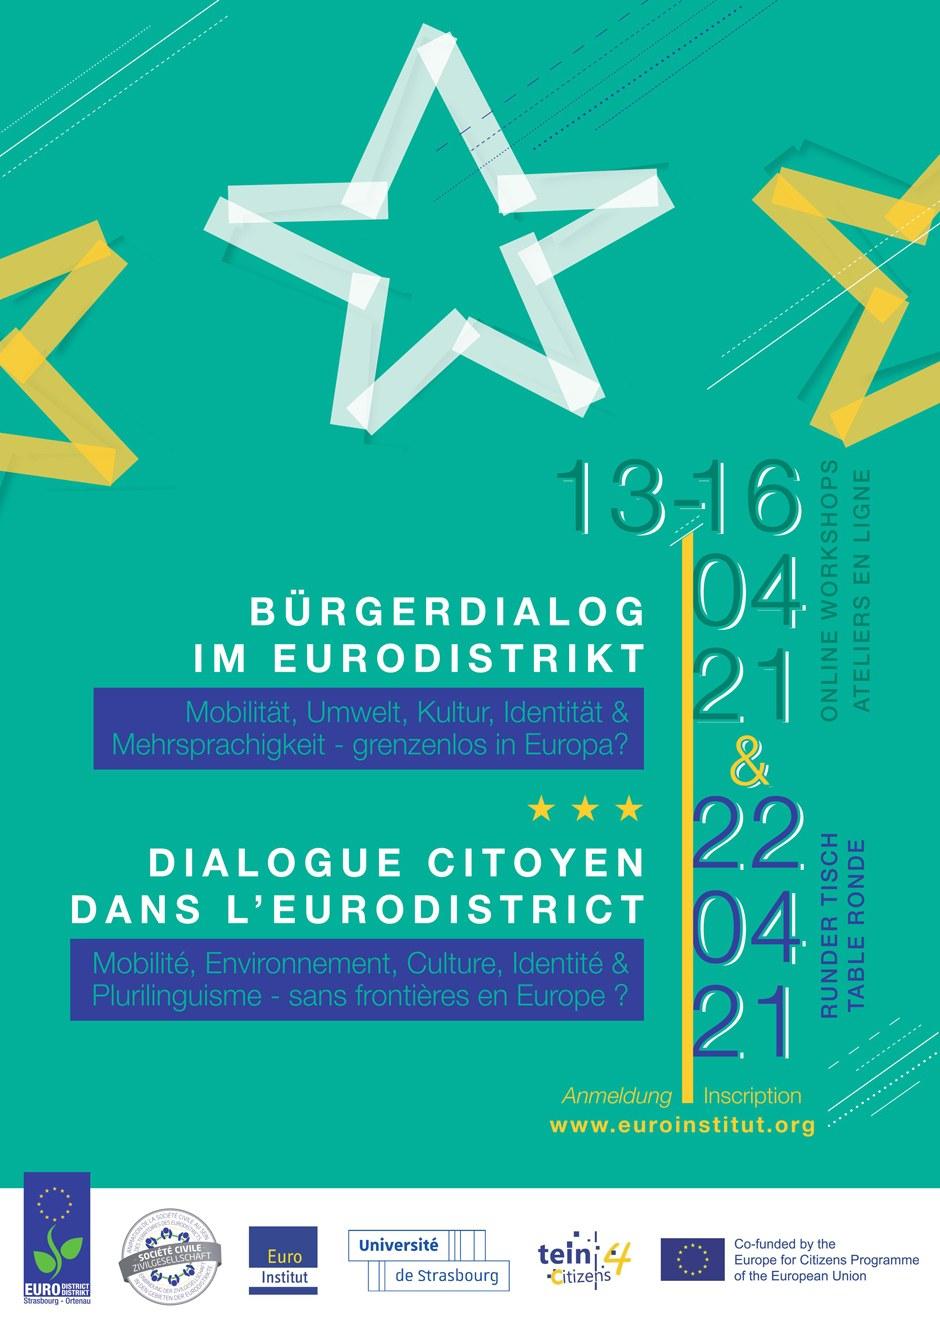 Eurodistrict_Affiche gross